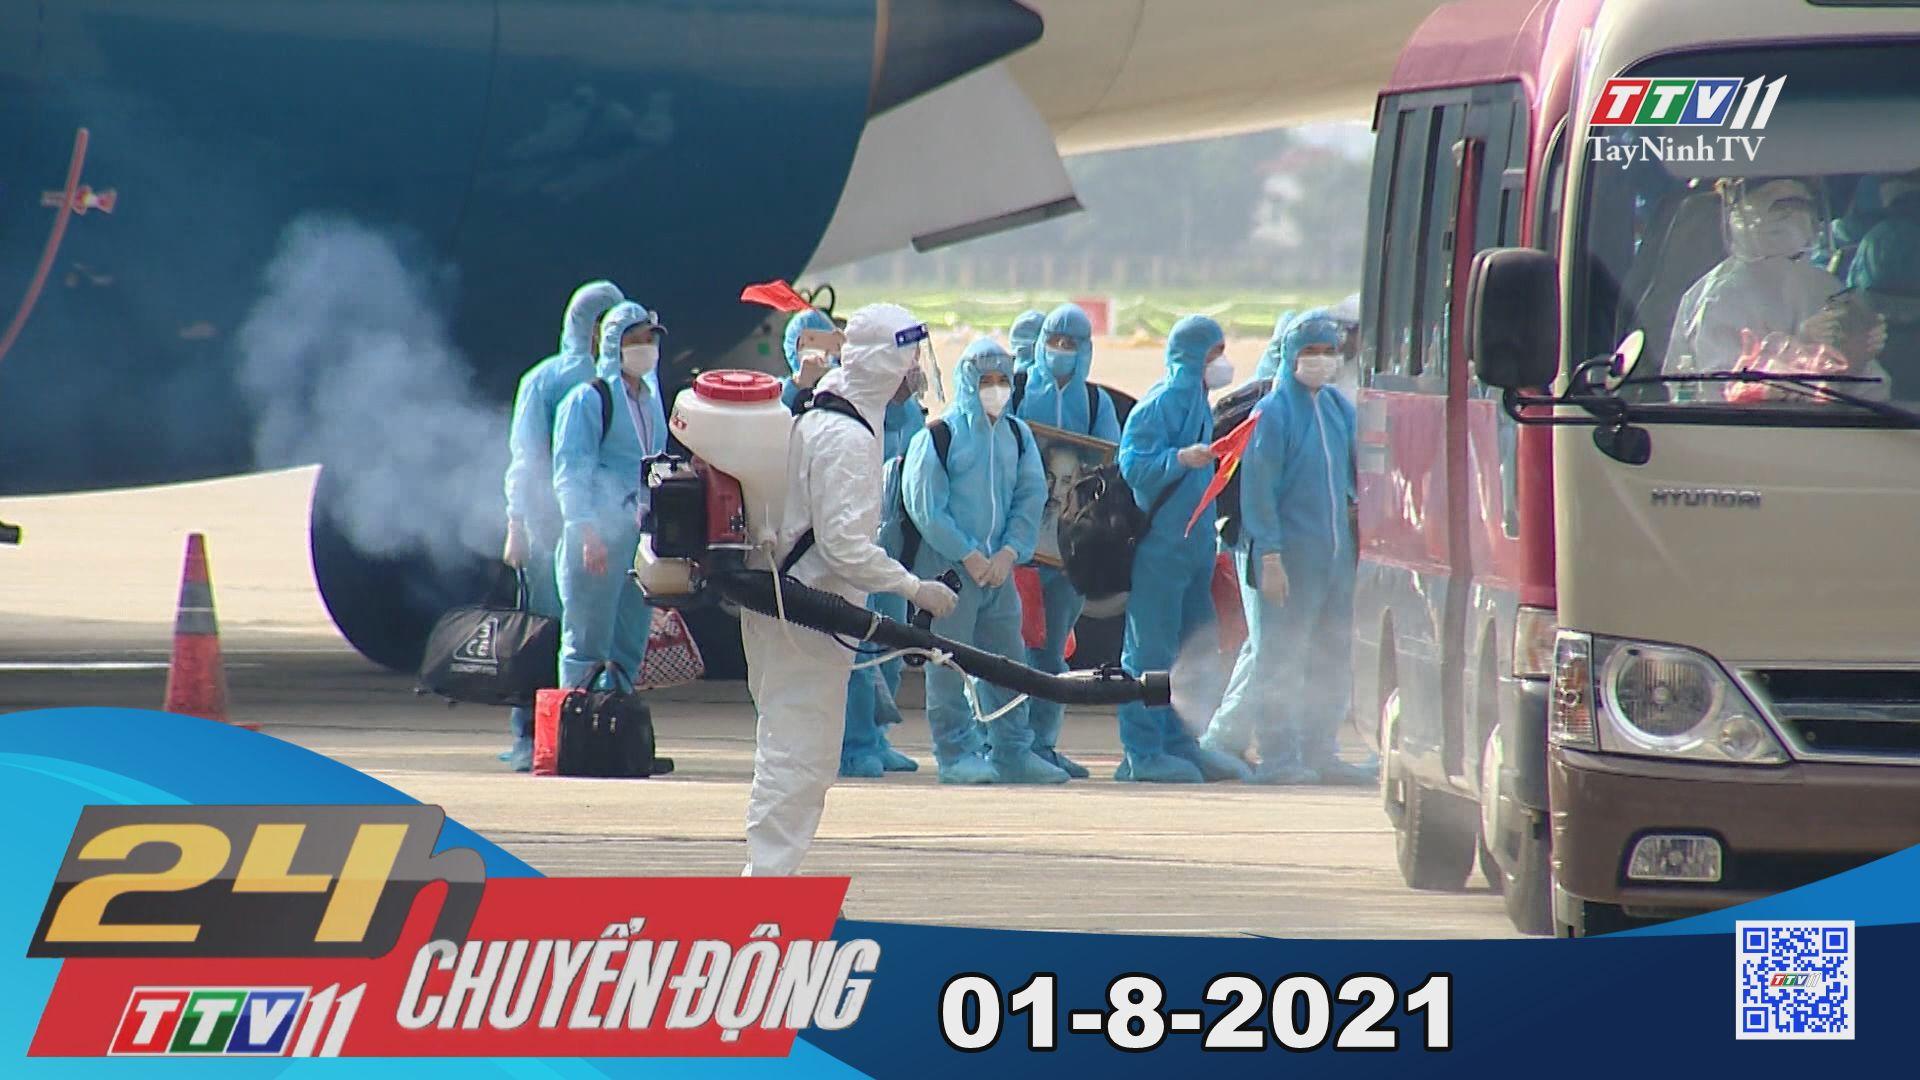 24h Chuyển động 01-8-2021 | Tin tức hôm nay | TayNinhTV